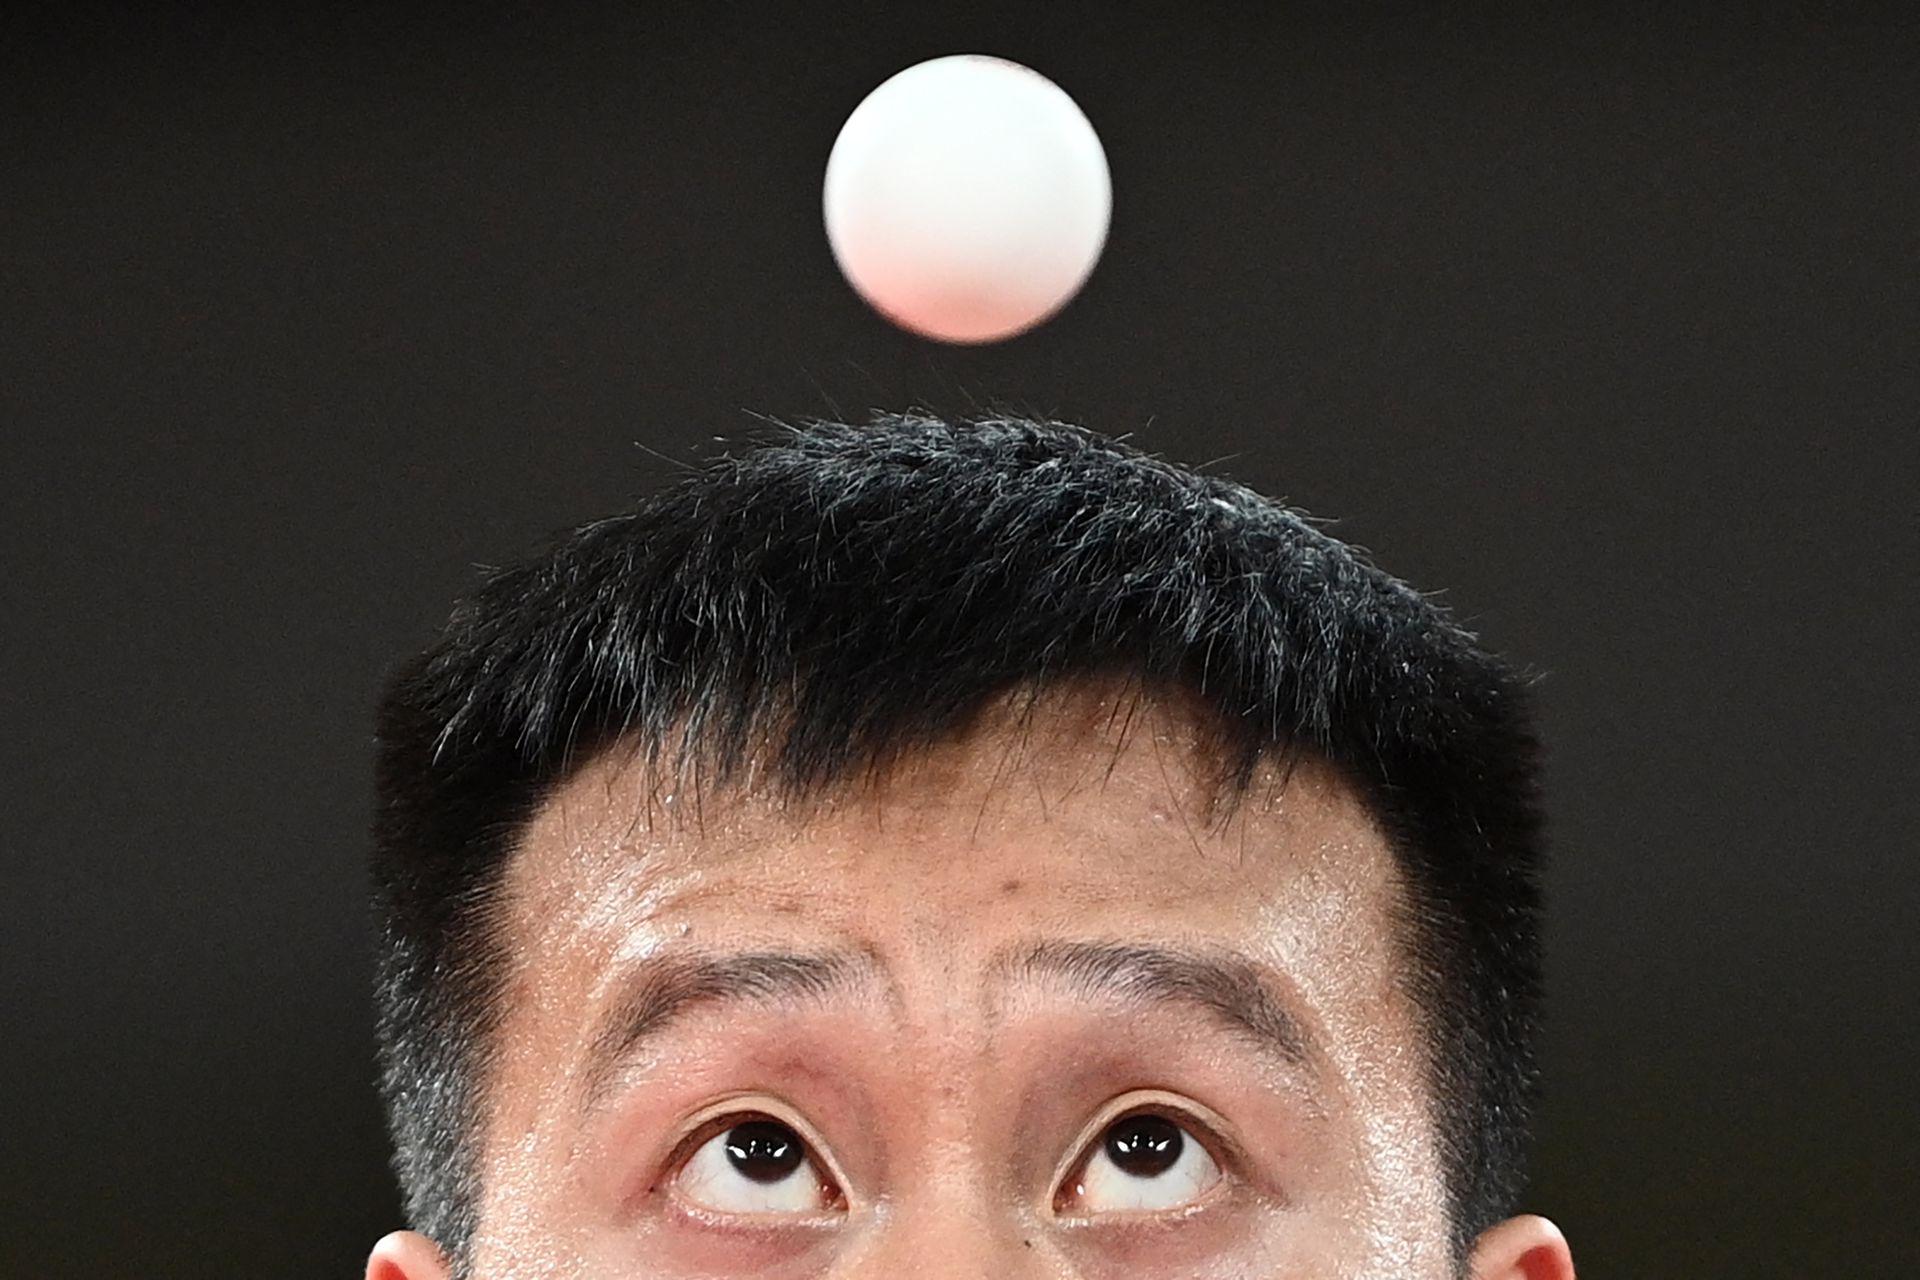 Yang Wang de Eslovaquia compite contra Dave Powell de Australia durante su partido de tenis de mesa de la segunda ronda de individuales masculinos en el Gimnasio Metropolitano de Tokio durante los Juegos Olímpicos de Tokio 2020 en Tokio el 26 de julio de 2021